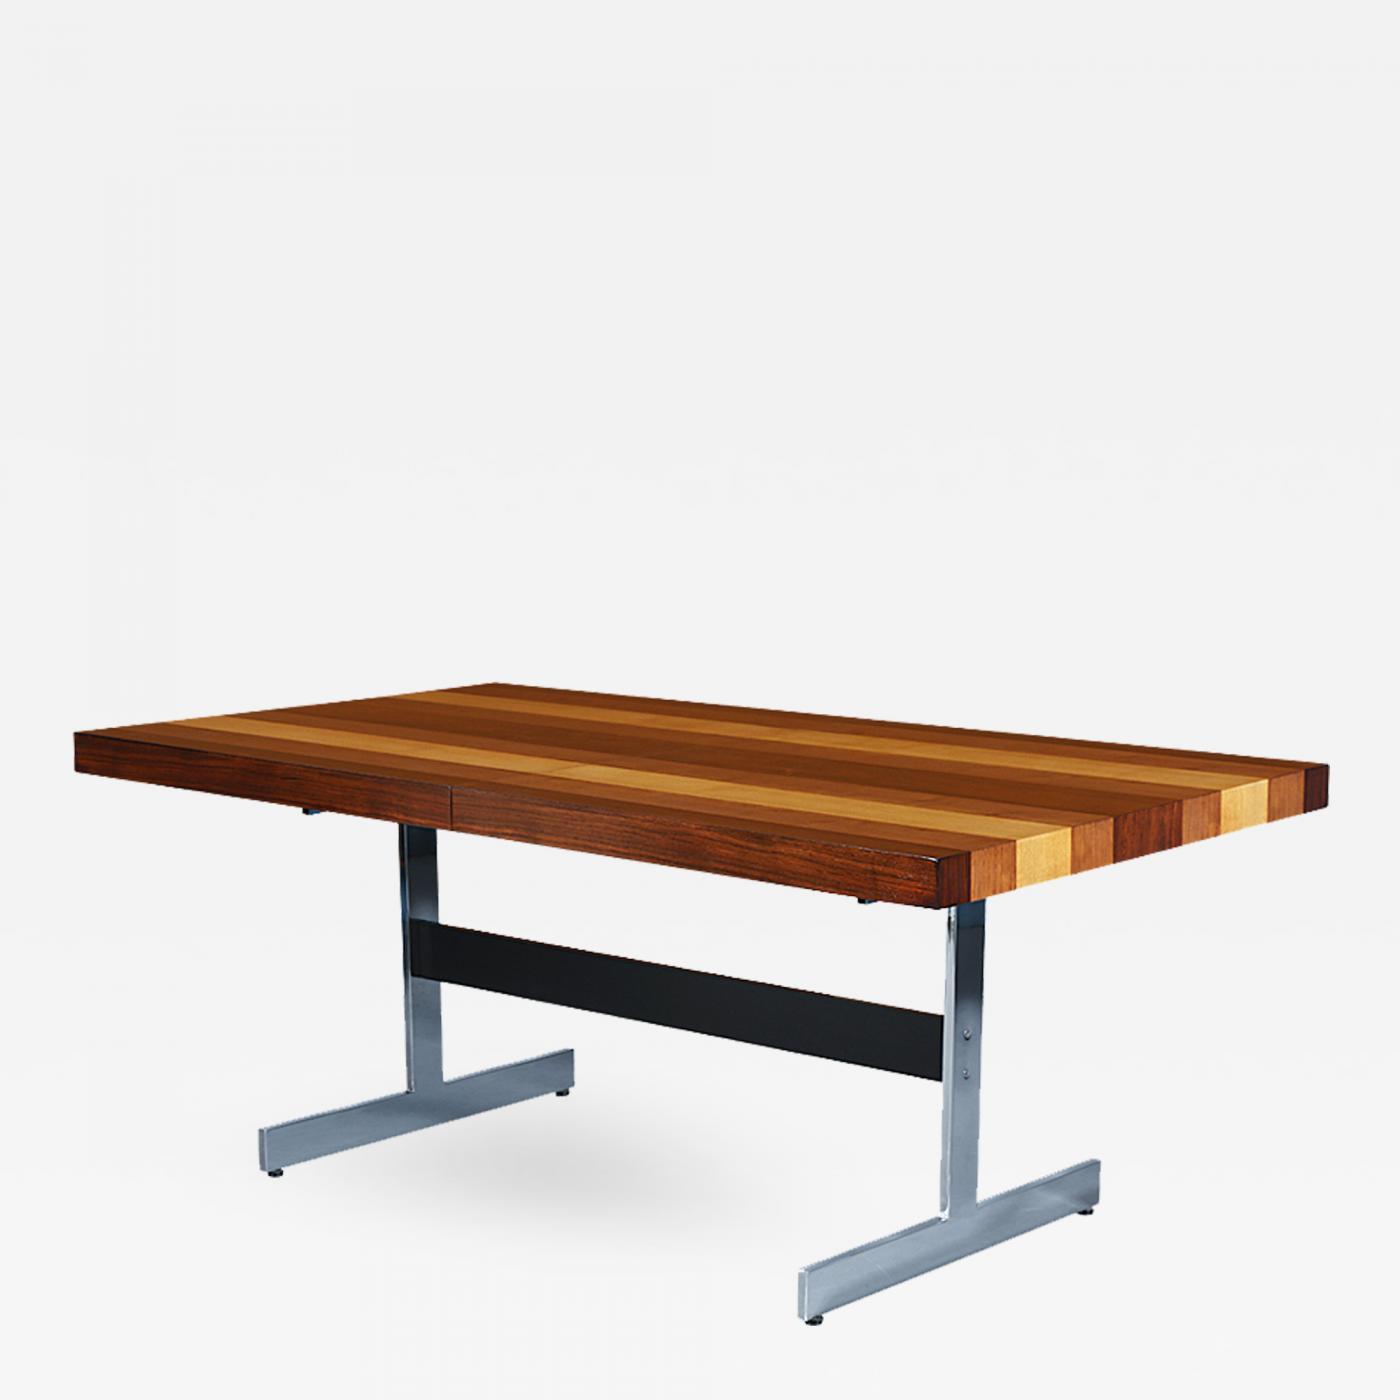 milo baughman milo baughman multi wood u0026 chrome dining table for